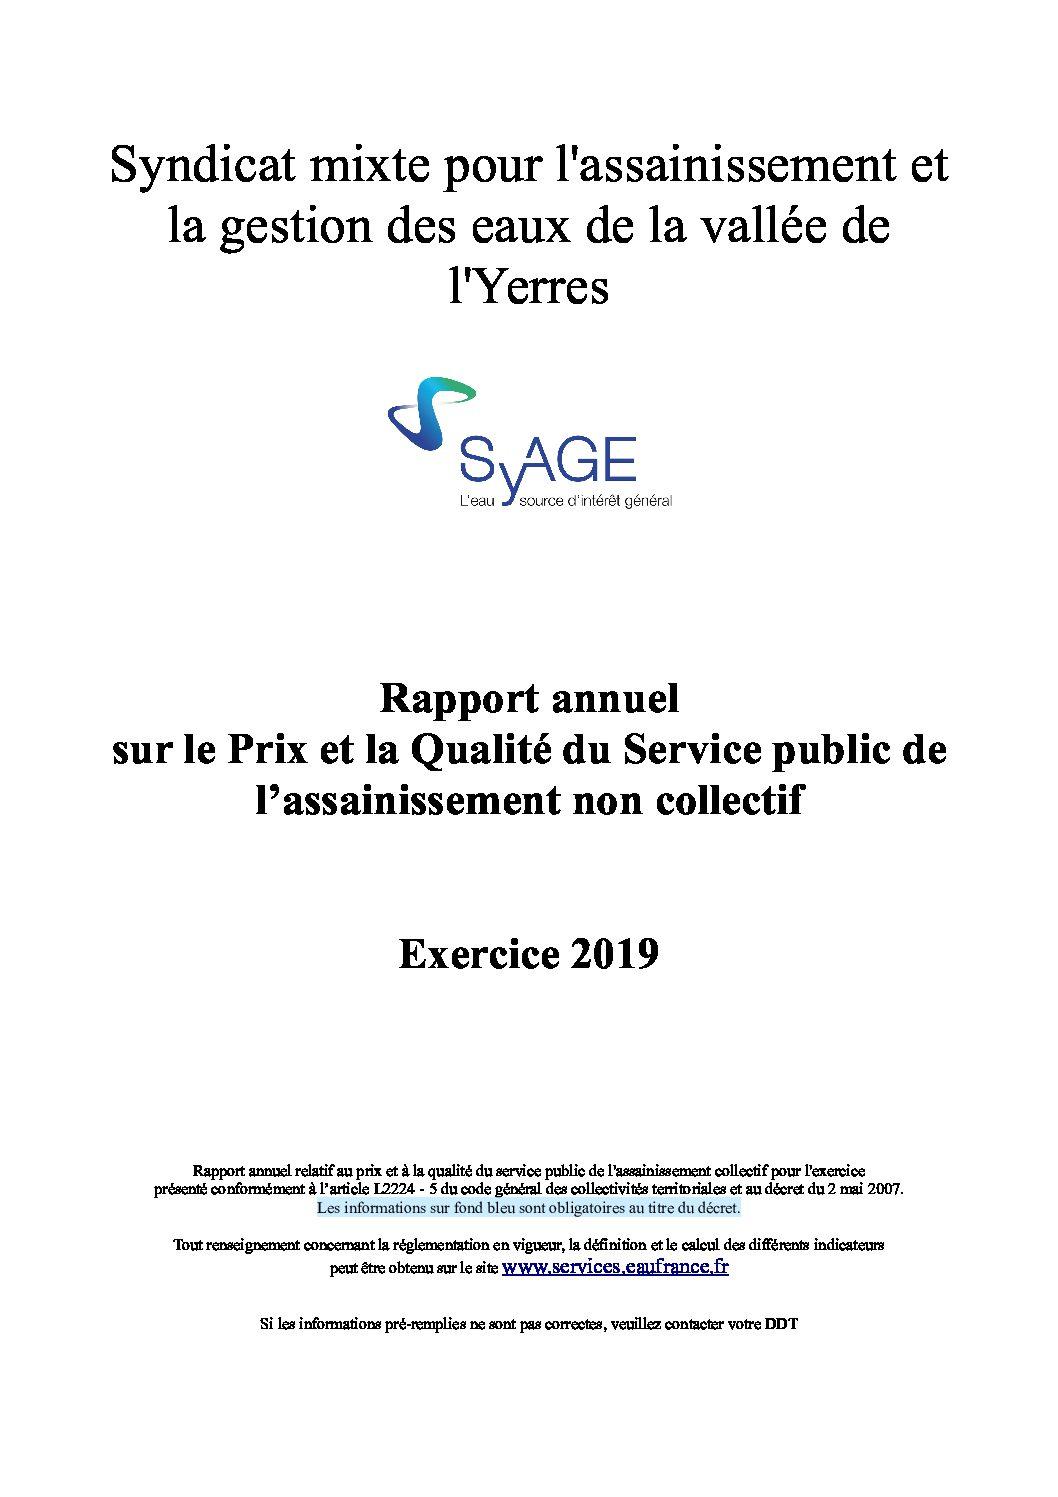 Prix et qualité du service public de l'assainissement non collectif en 2019